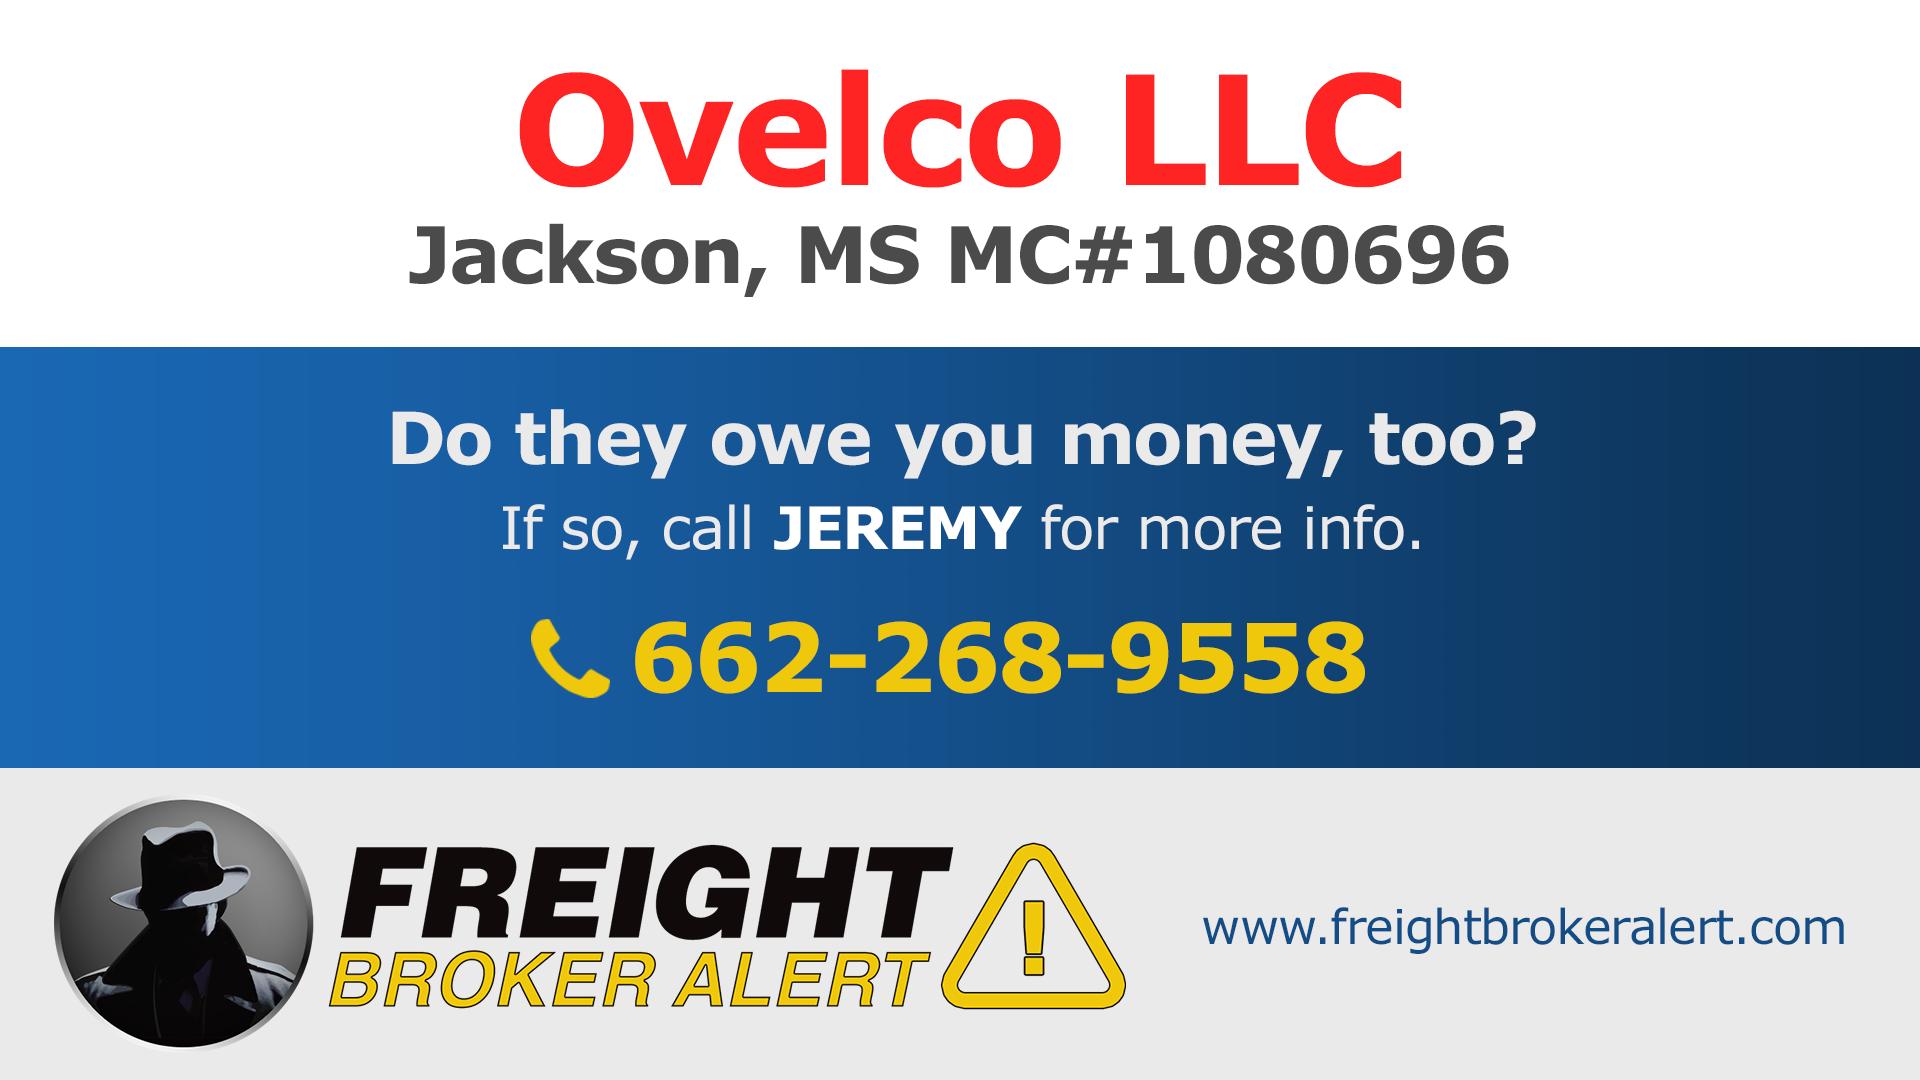 Ovelco LLC Mississippi